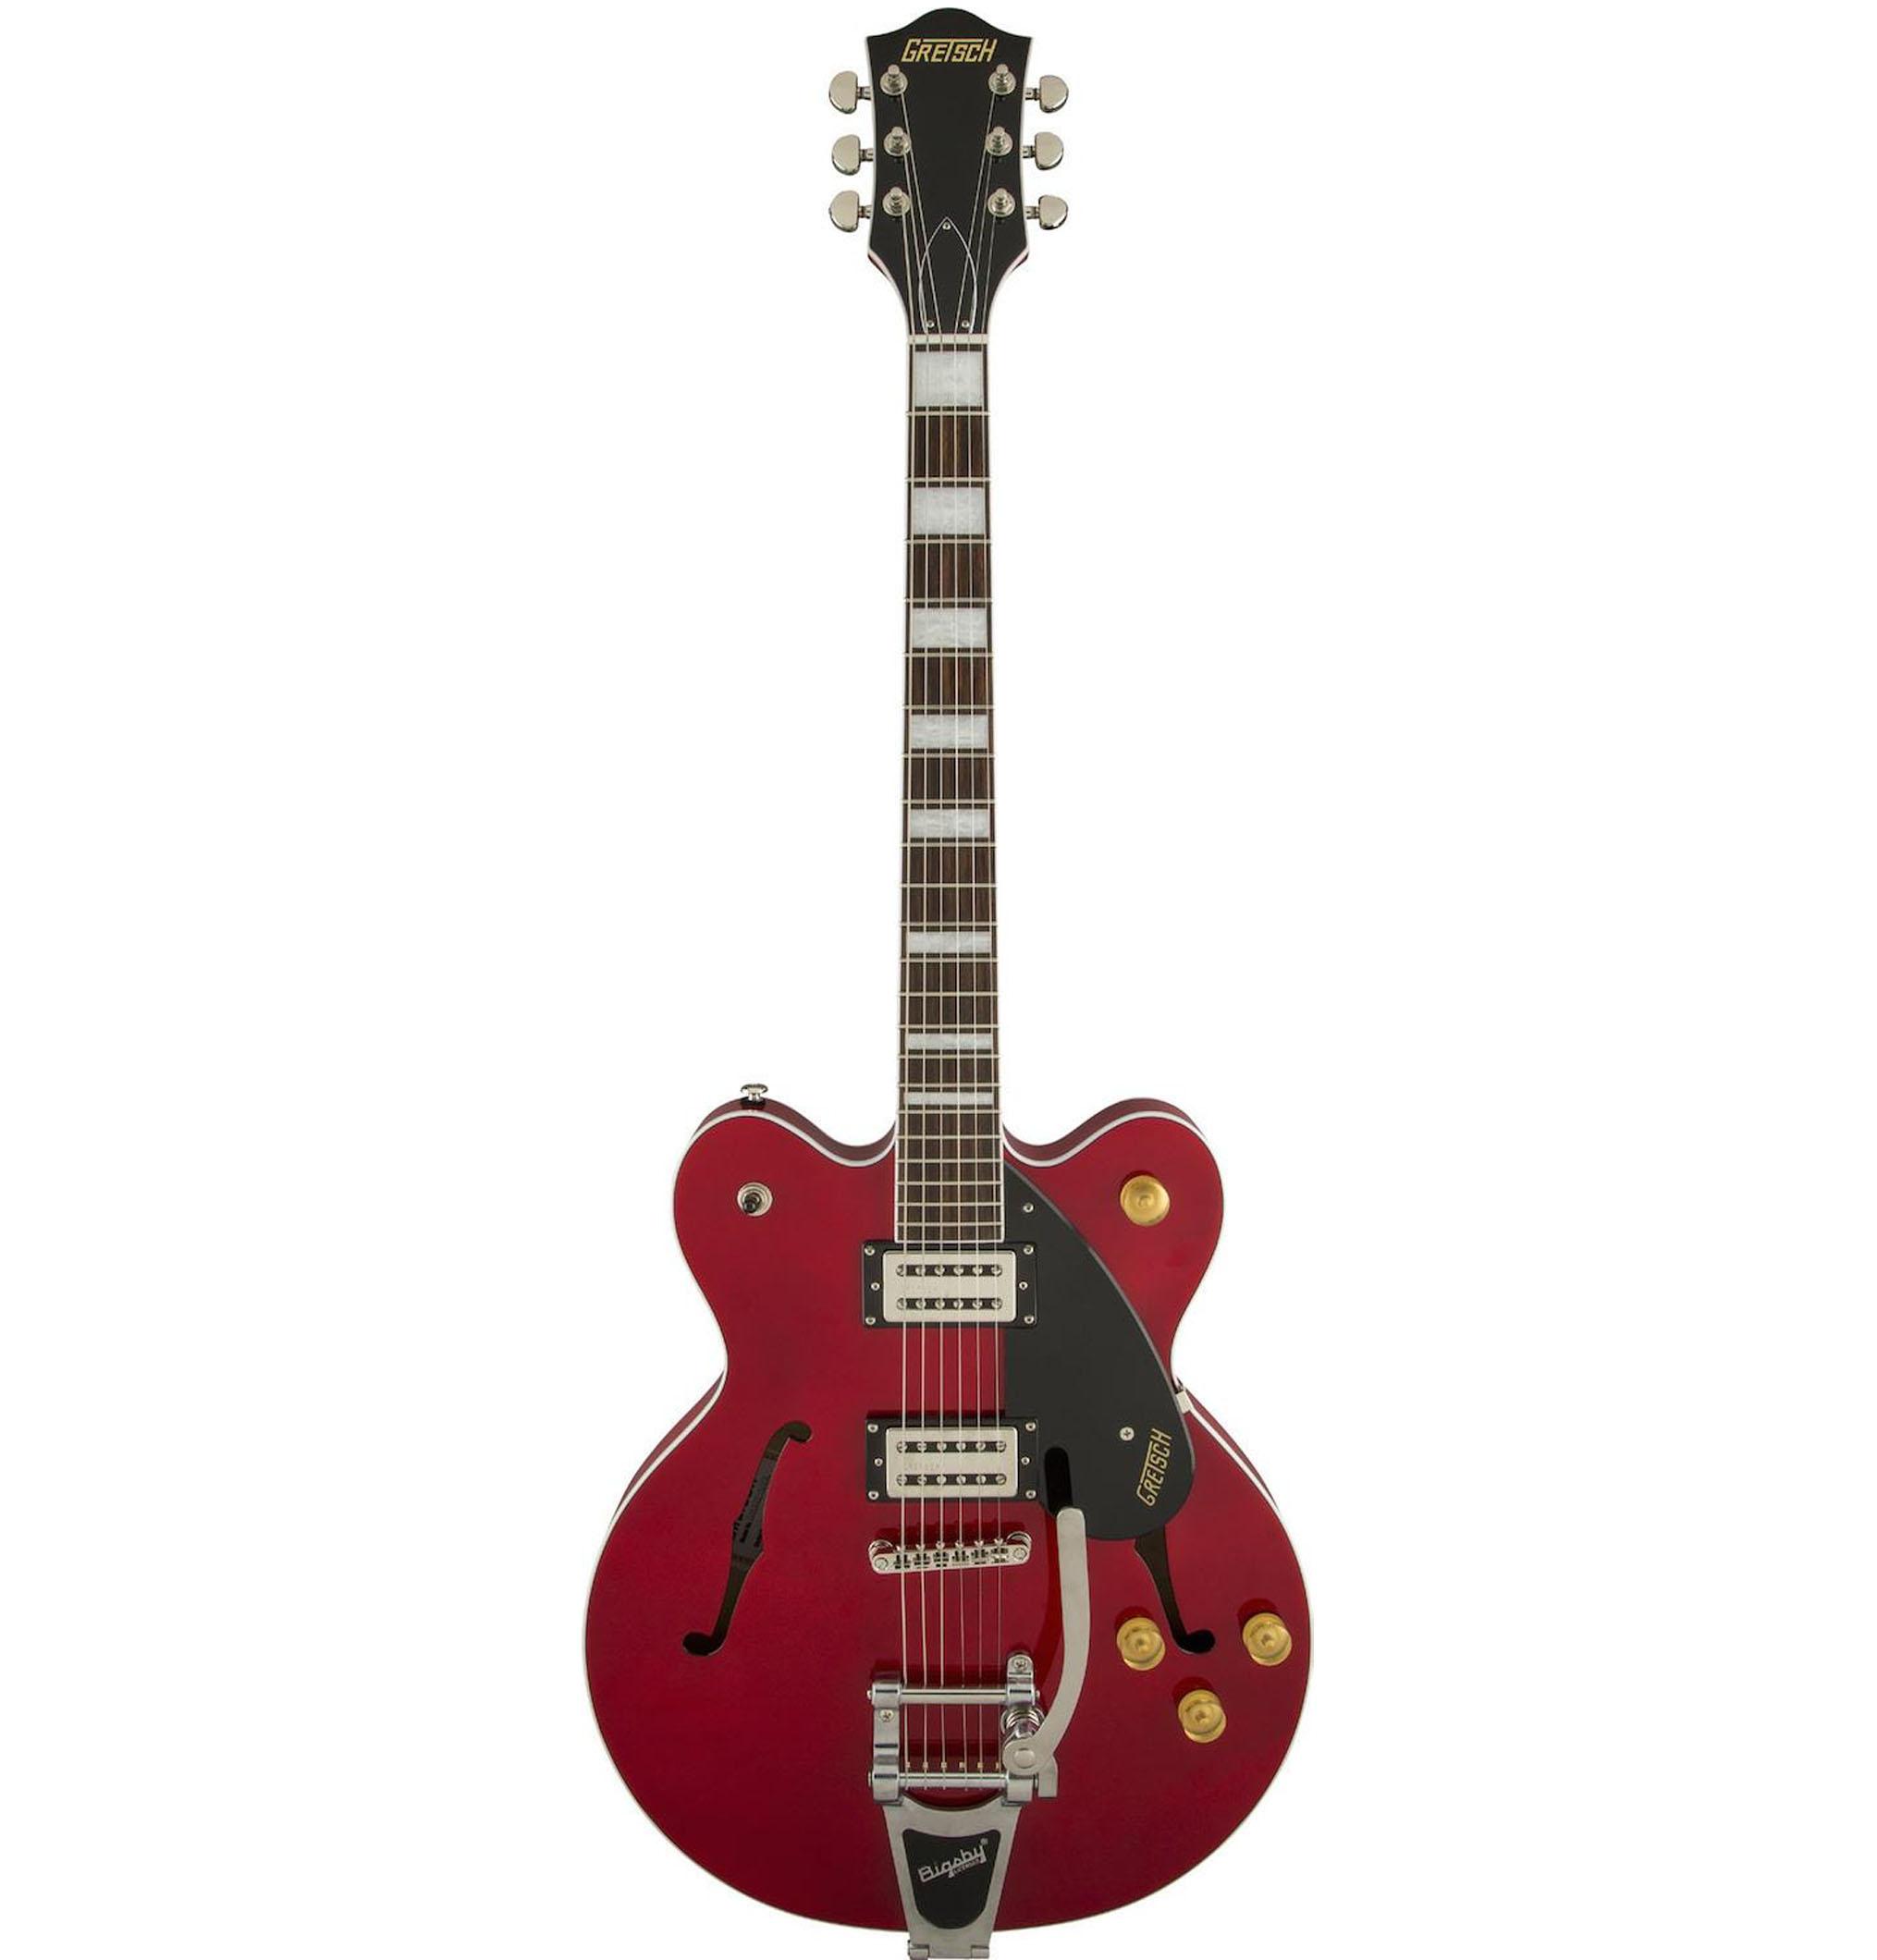 đàn guitar gretsch giá rẻ